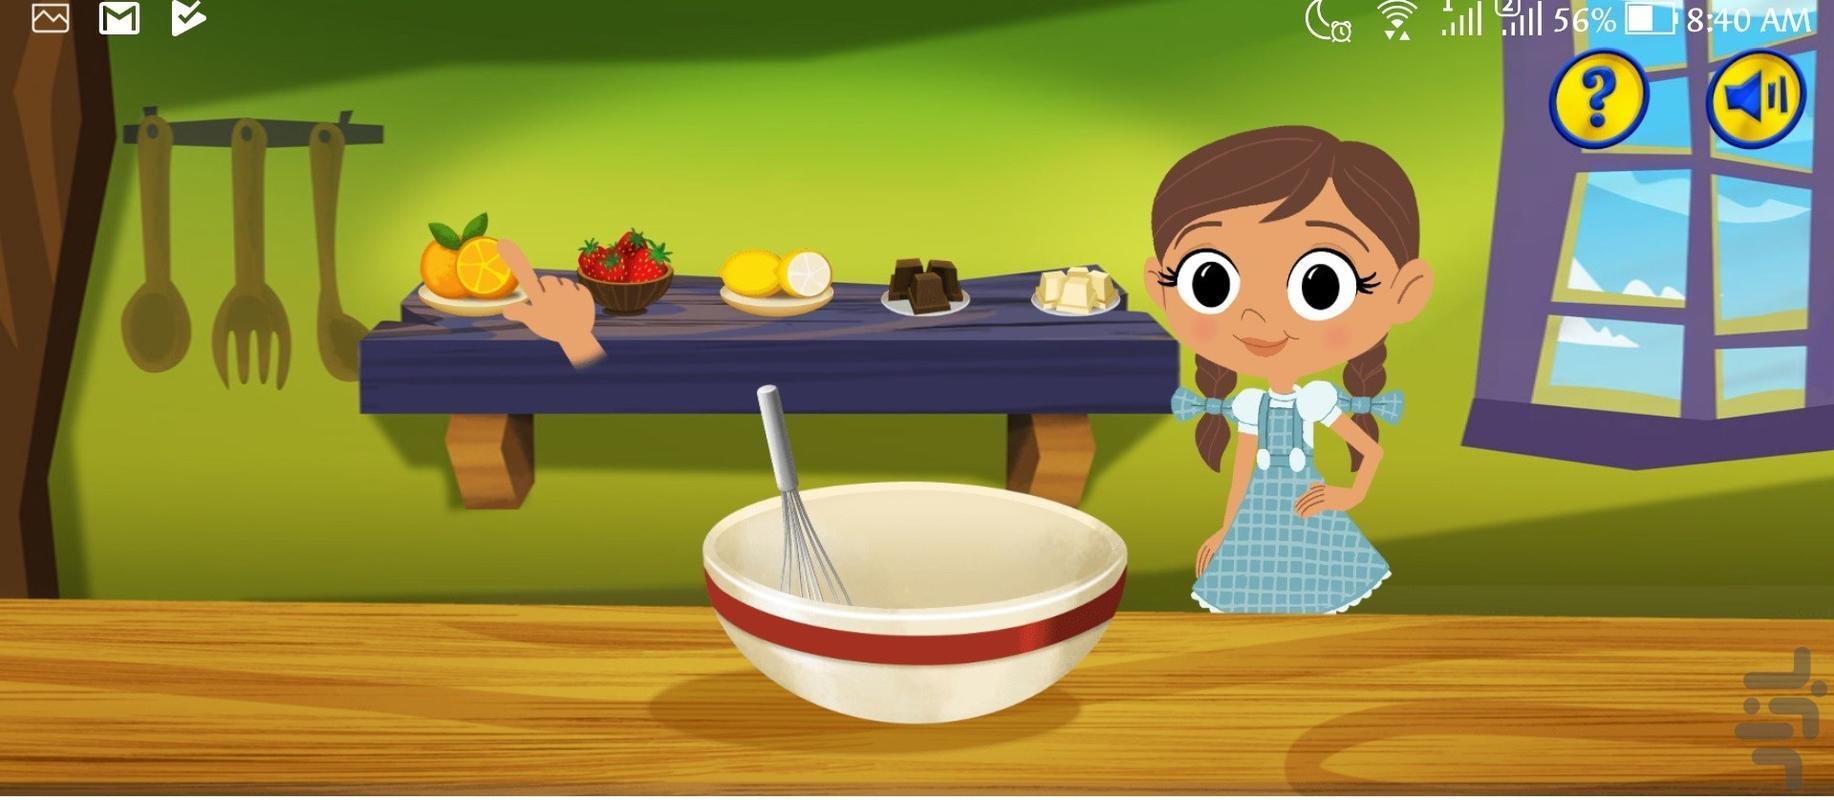 آشپزی پرنسس - عکس بازی موبایلی اندروید